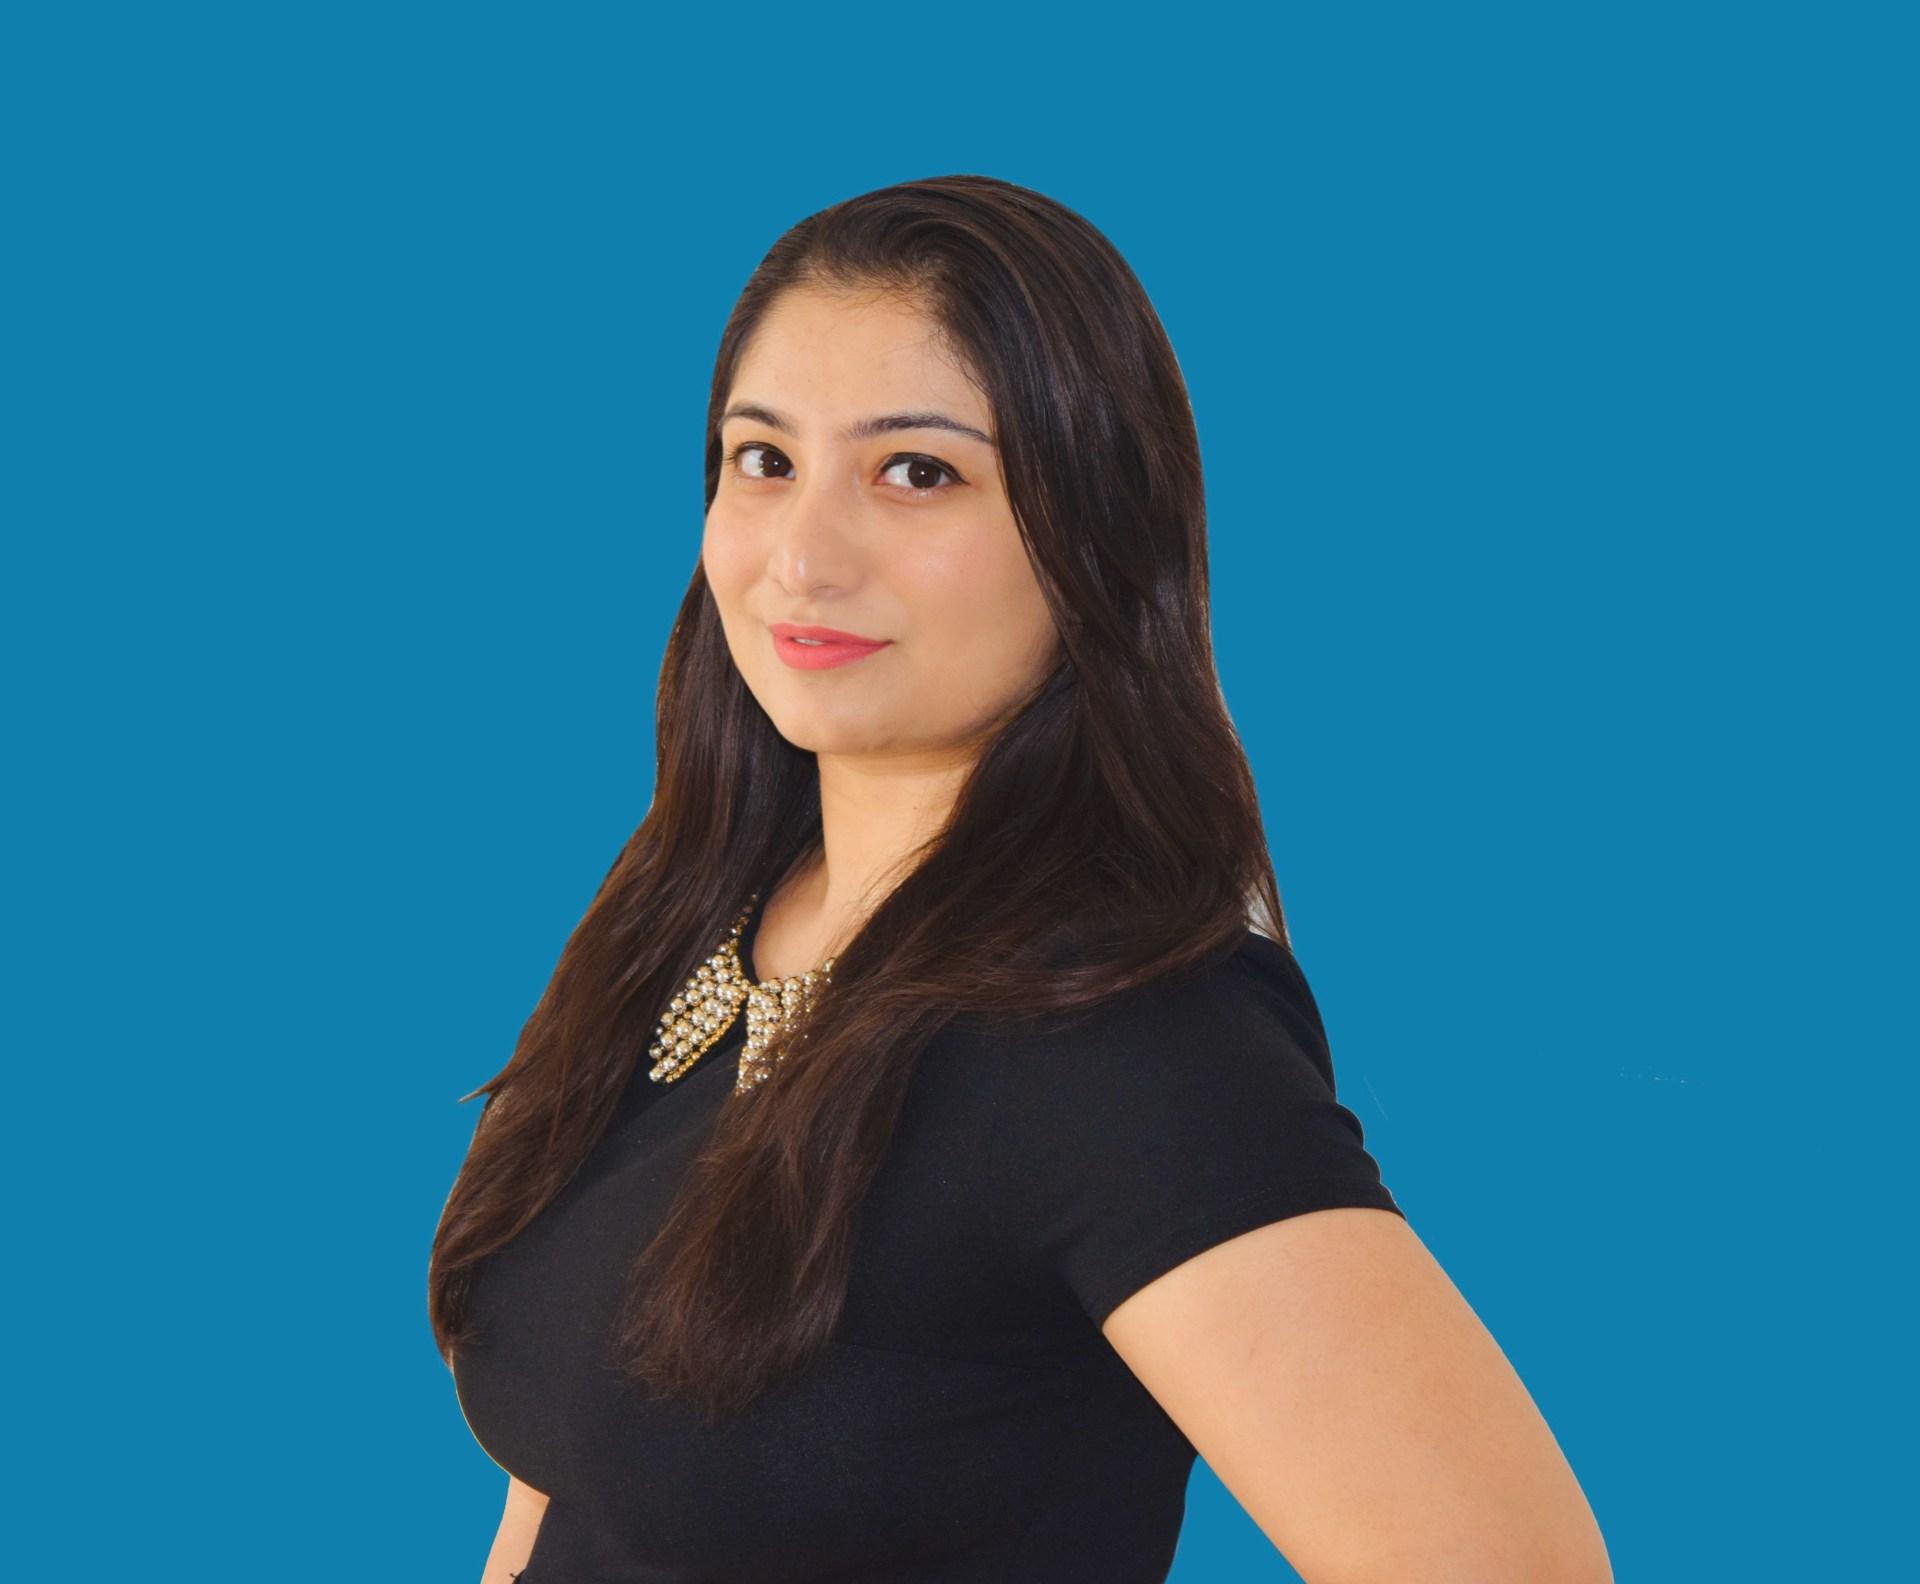 Asavari-sharma-freelance-b2b-copywriter